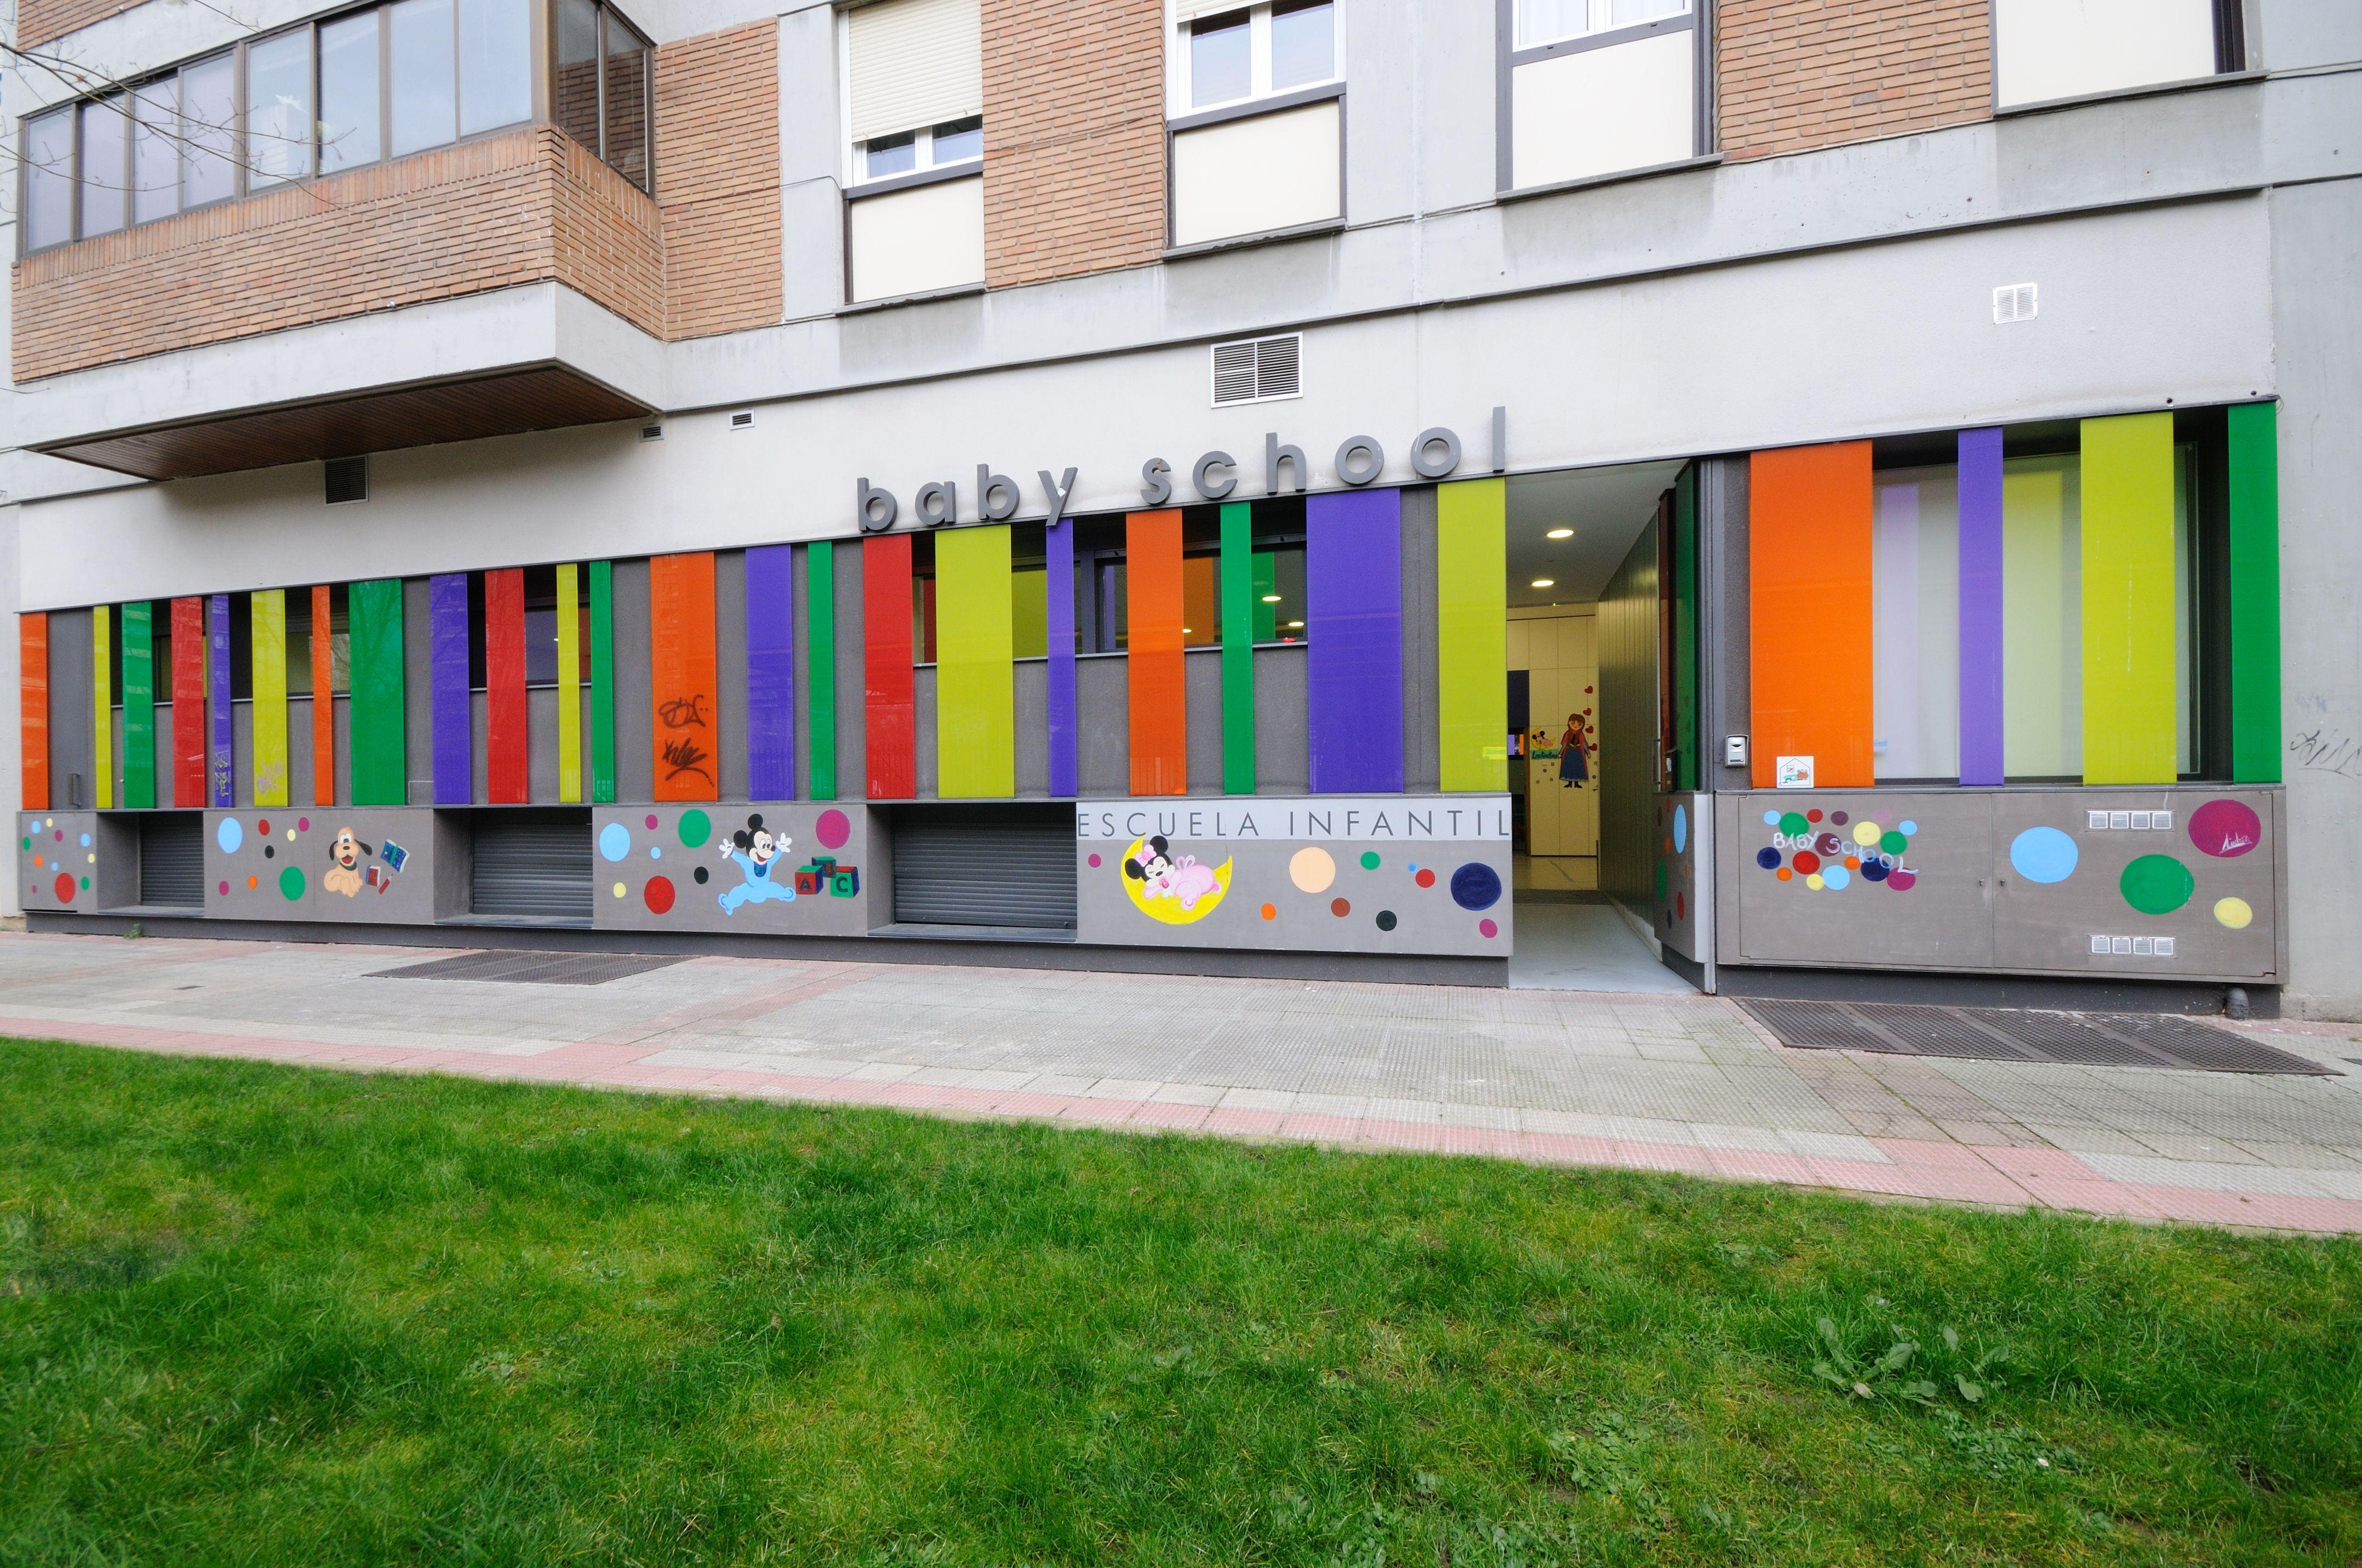 Foto 12 de Guarderías y Escuelas infantiles en Pamplona | Baby School